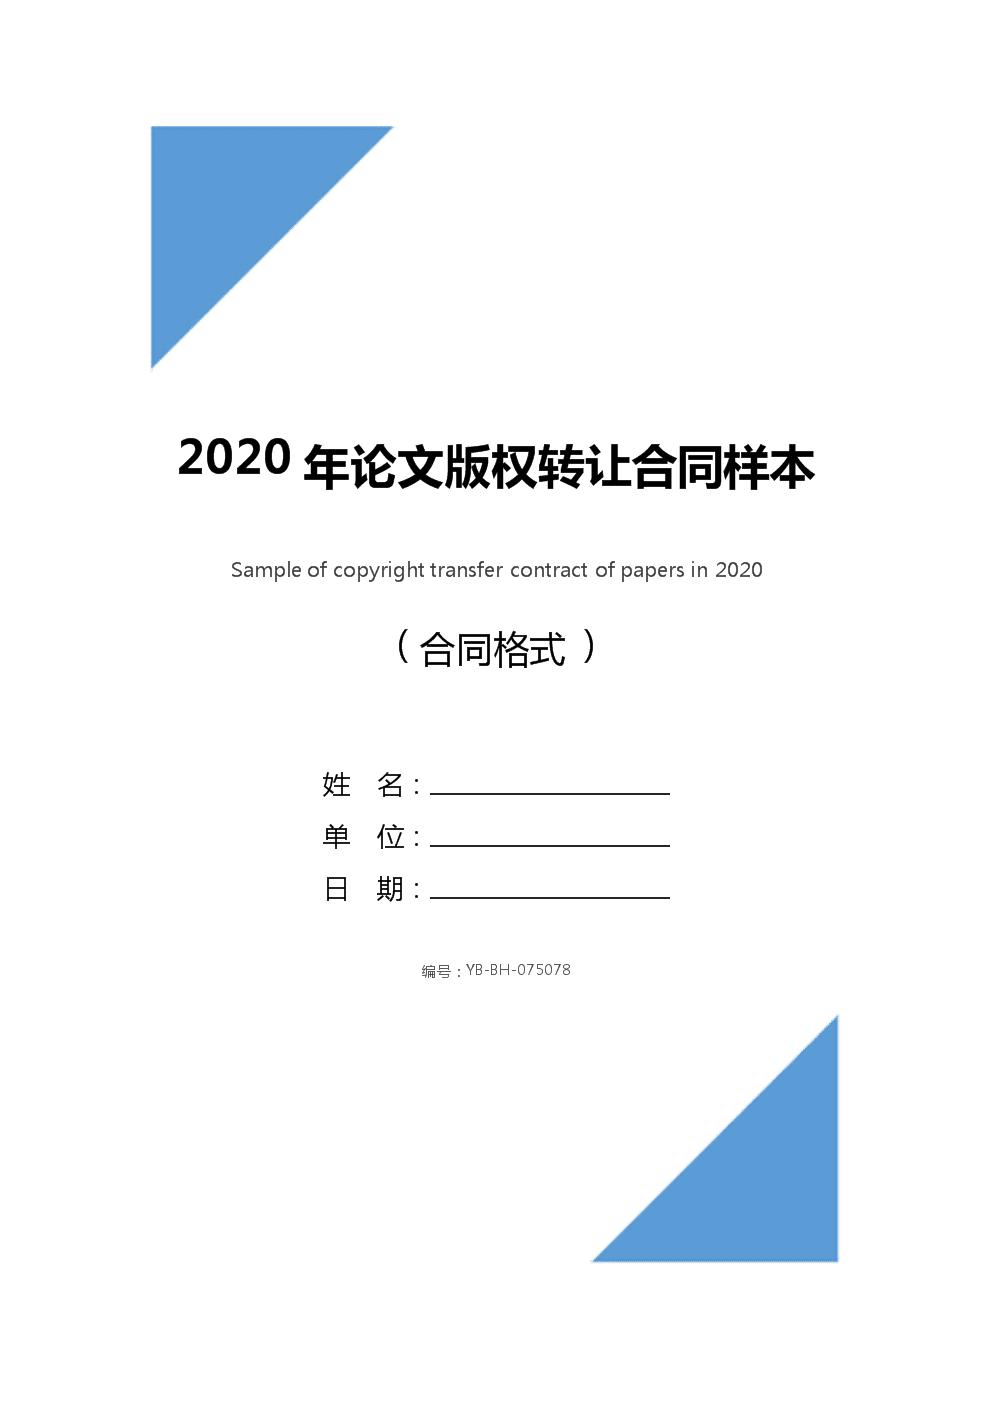 2020年论文版权转让合同样本(合同示范文本).docx